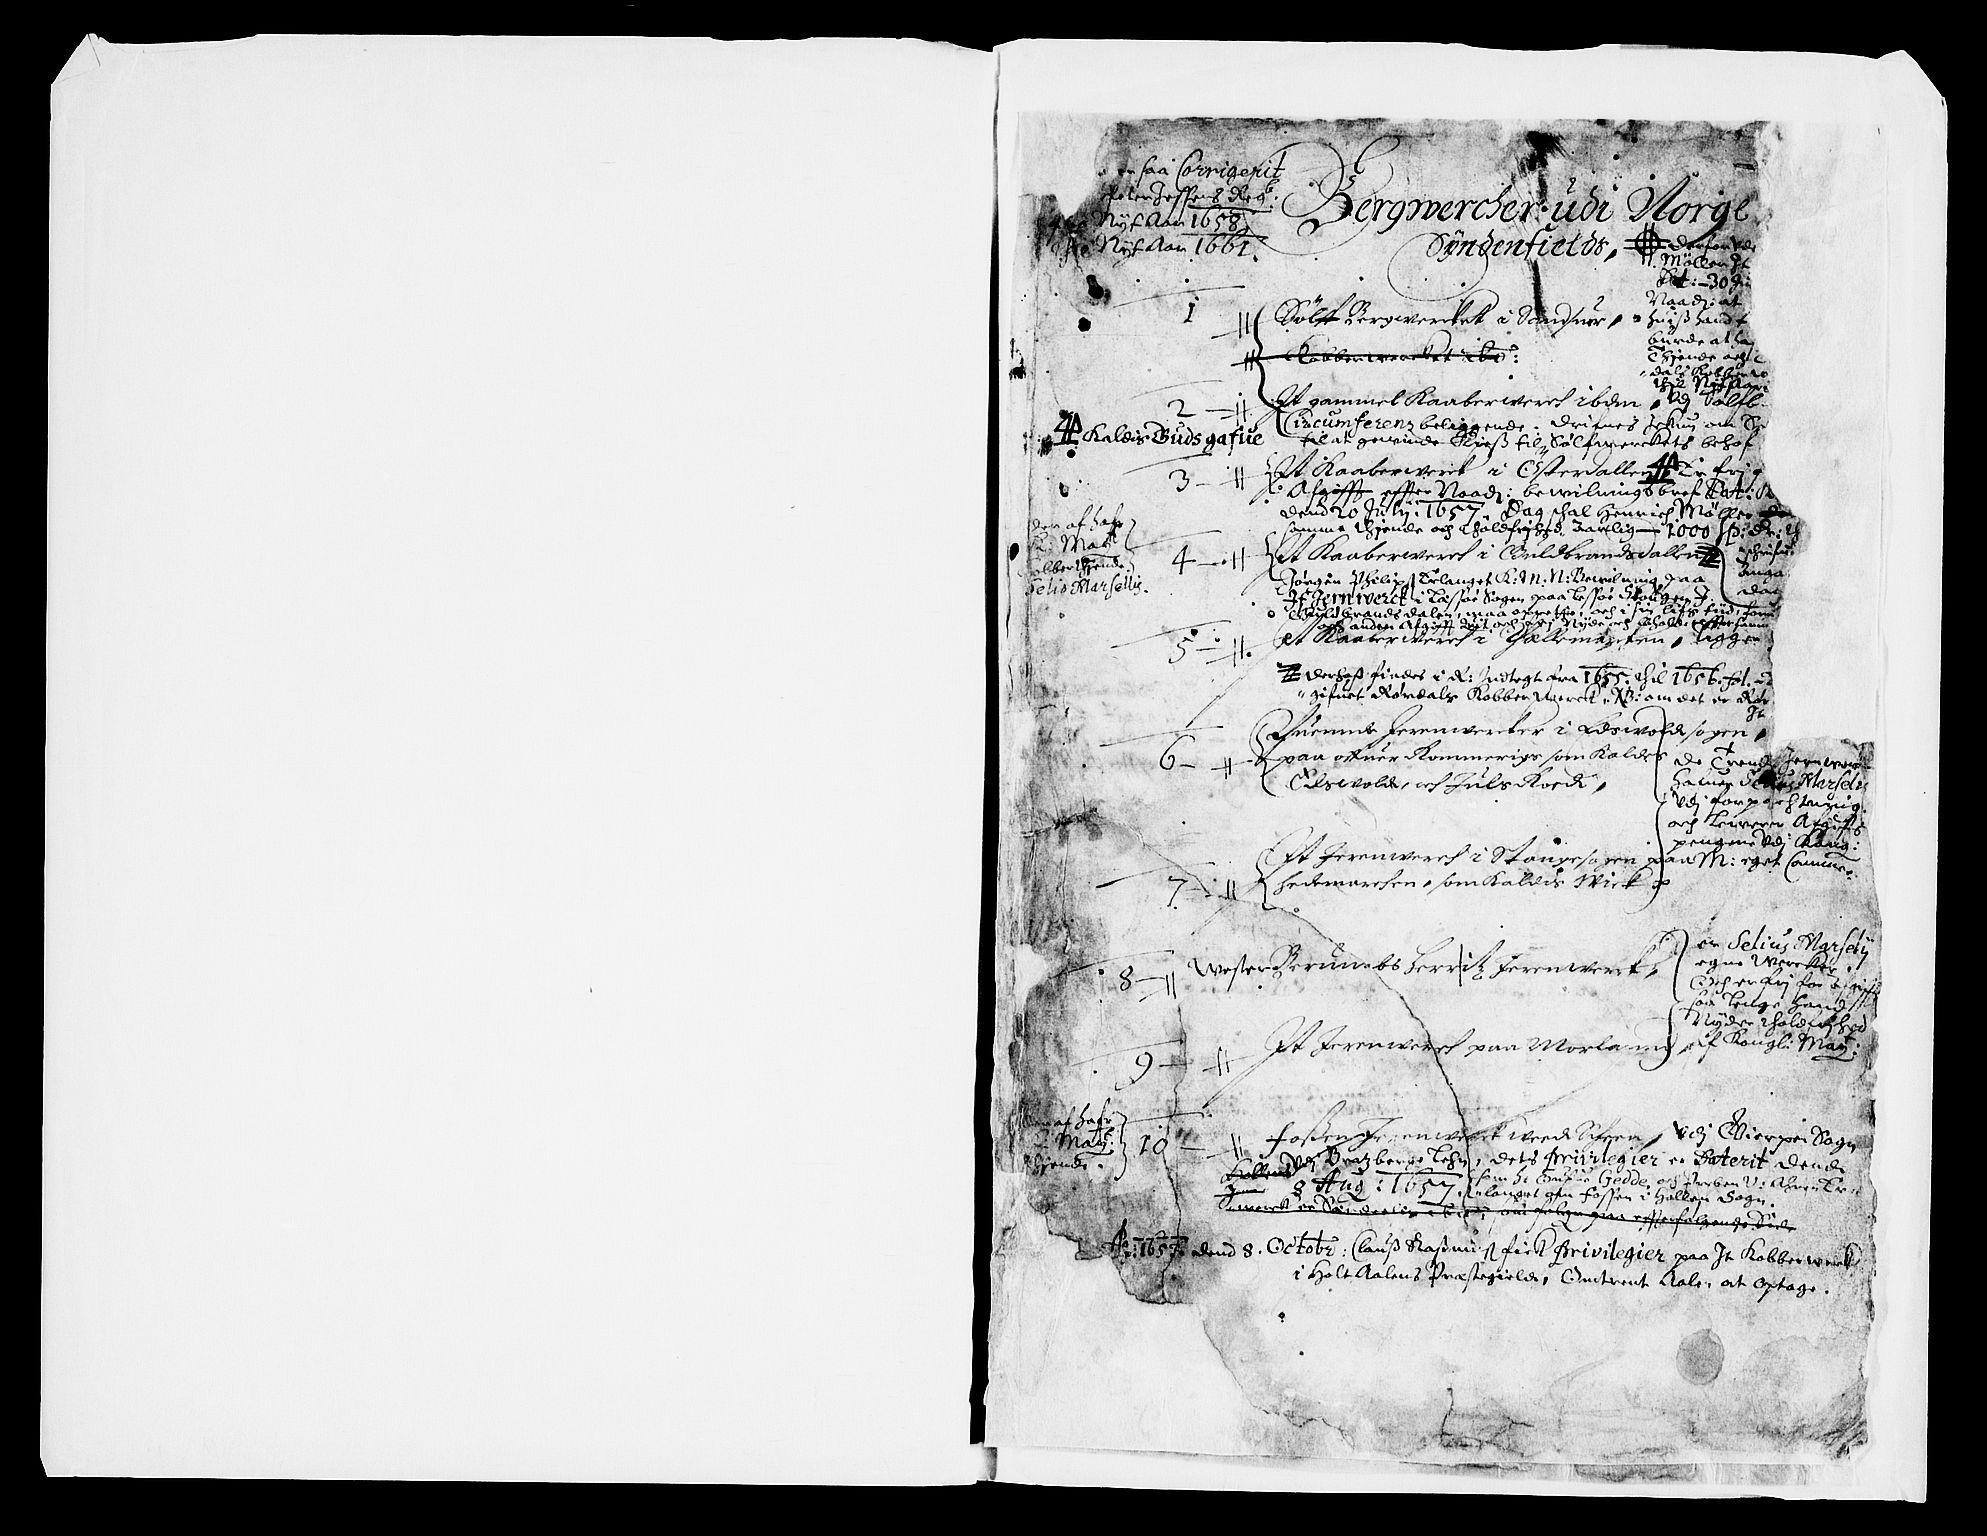 RA, Danske Kanselli, Skapsaker, G/L0019: Tillegg til skapsakene, 1616-1753, s. 155